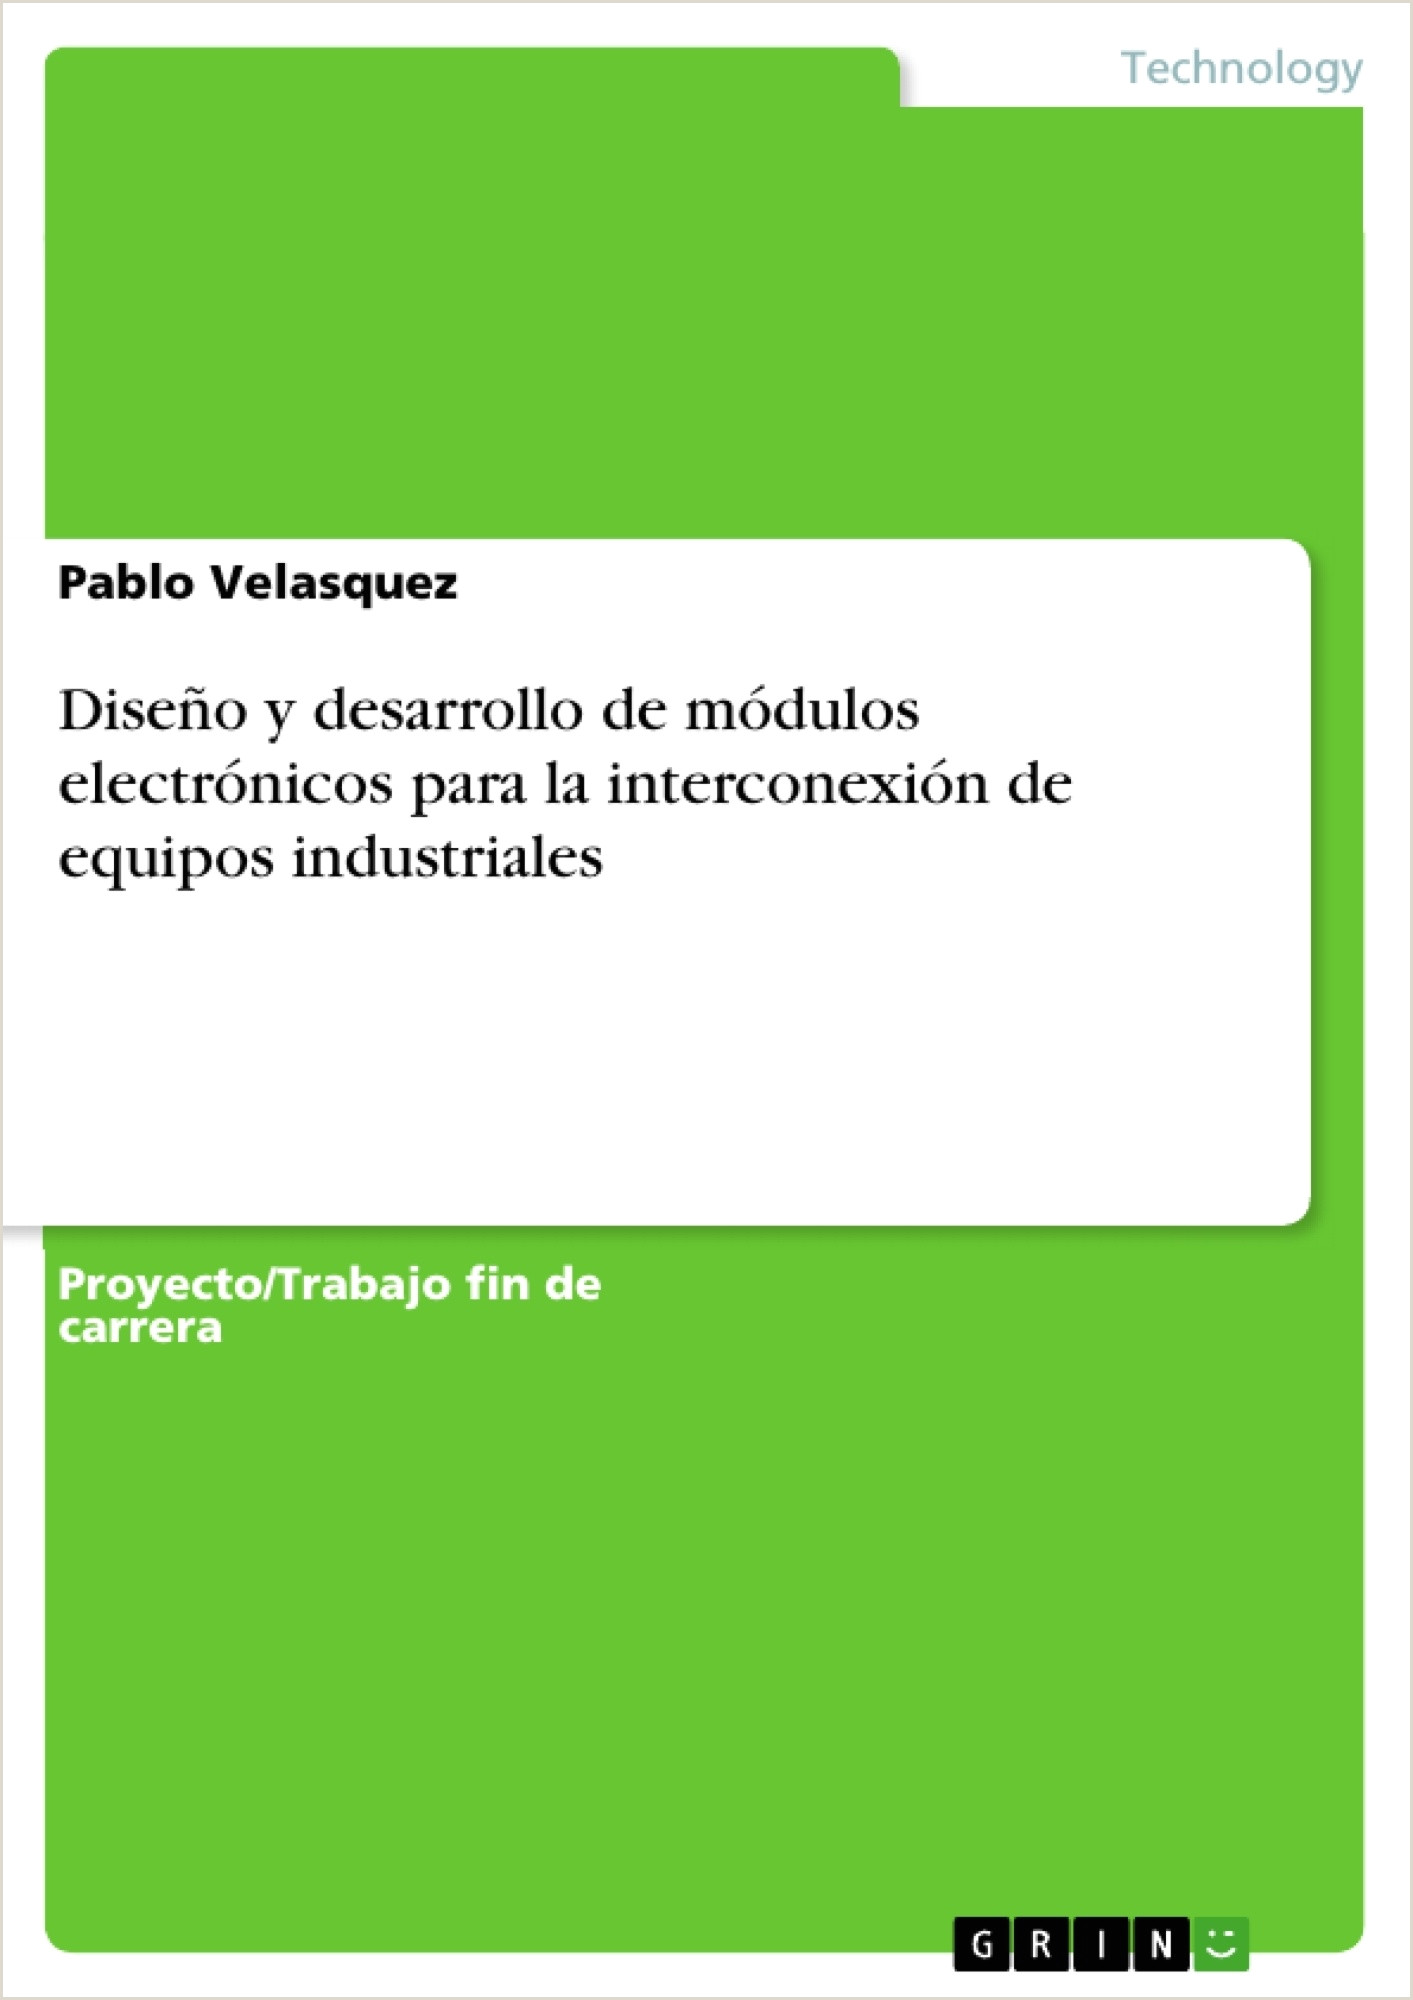 GRIN Dise±o y desarrollo de m³dulos electr³nicos para la interconexi³n de equipos industriales con la Web a través de los protocolos ModBus y MQTT